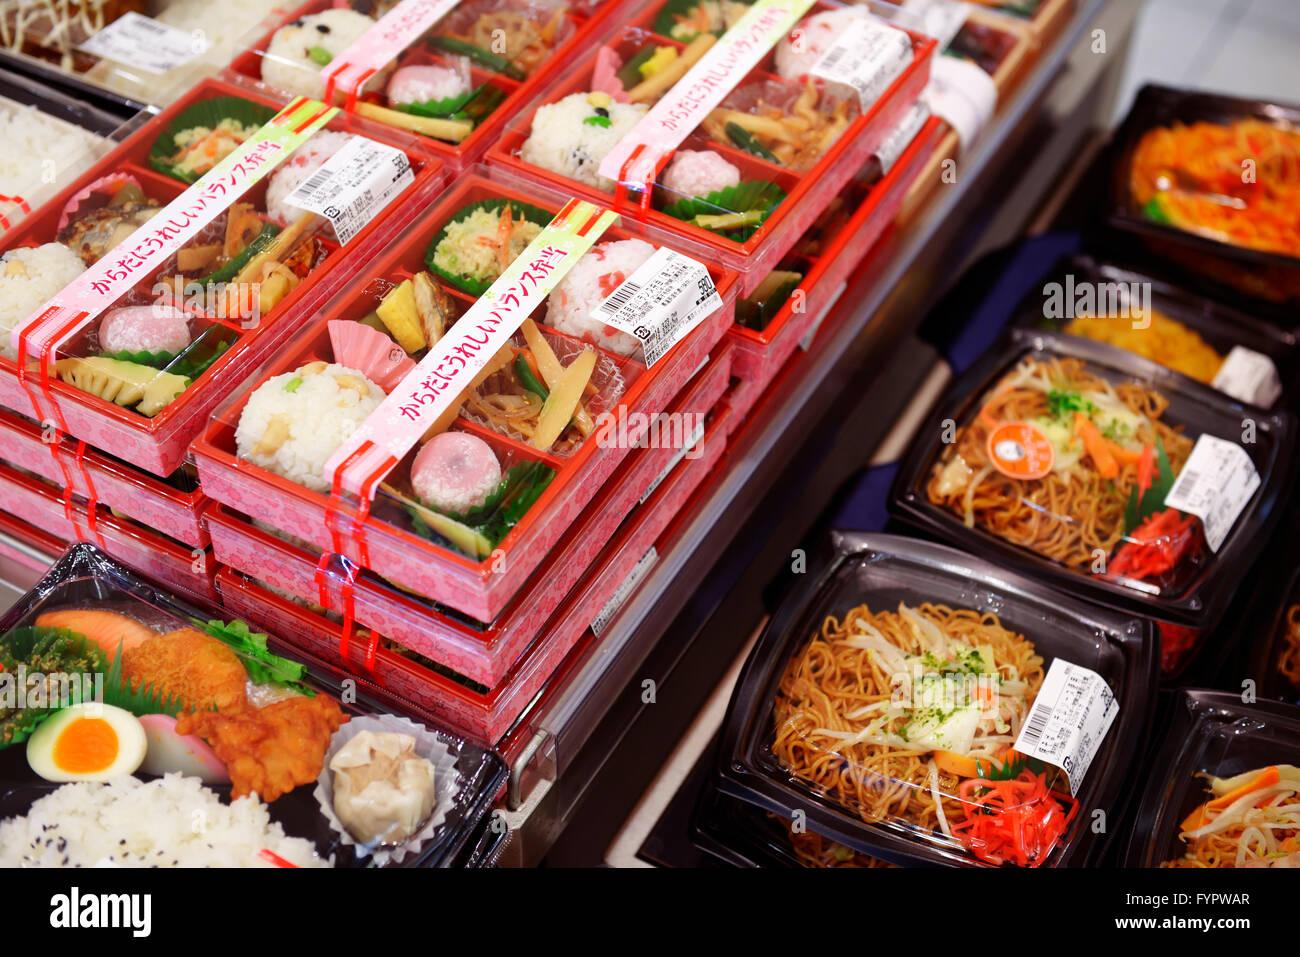 Les aliments pratiques emballés dans un supermarché japonais, Tokyo, Japon Photo Stock